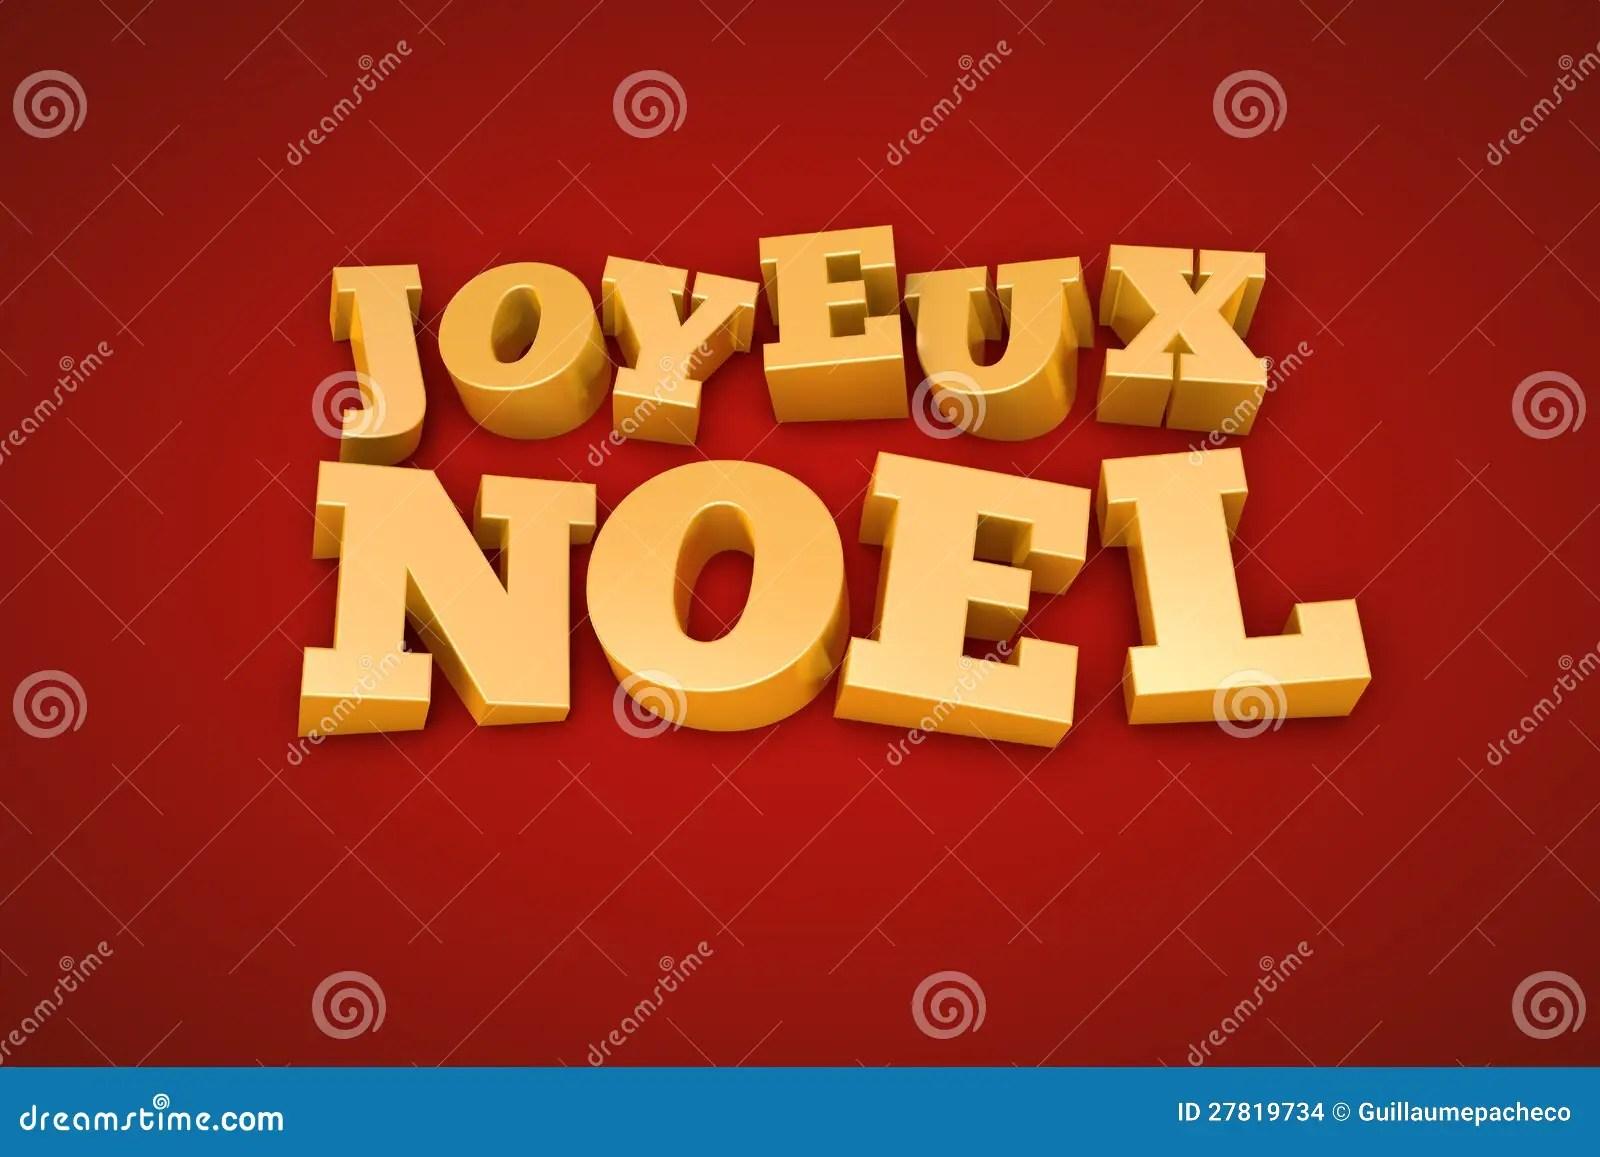 Texte Dor De Joyeux Noel Sur Un Fond Rouge Illustration